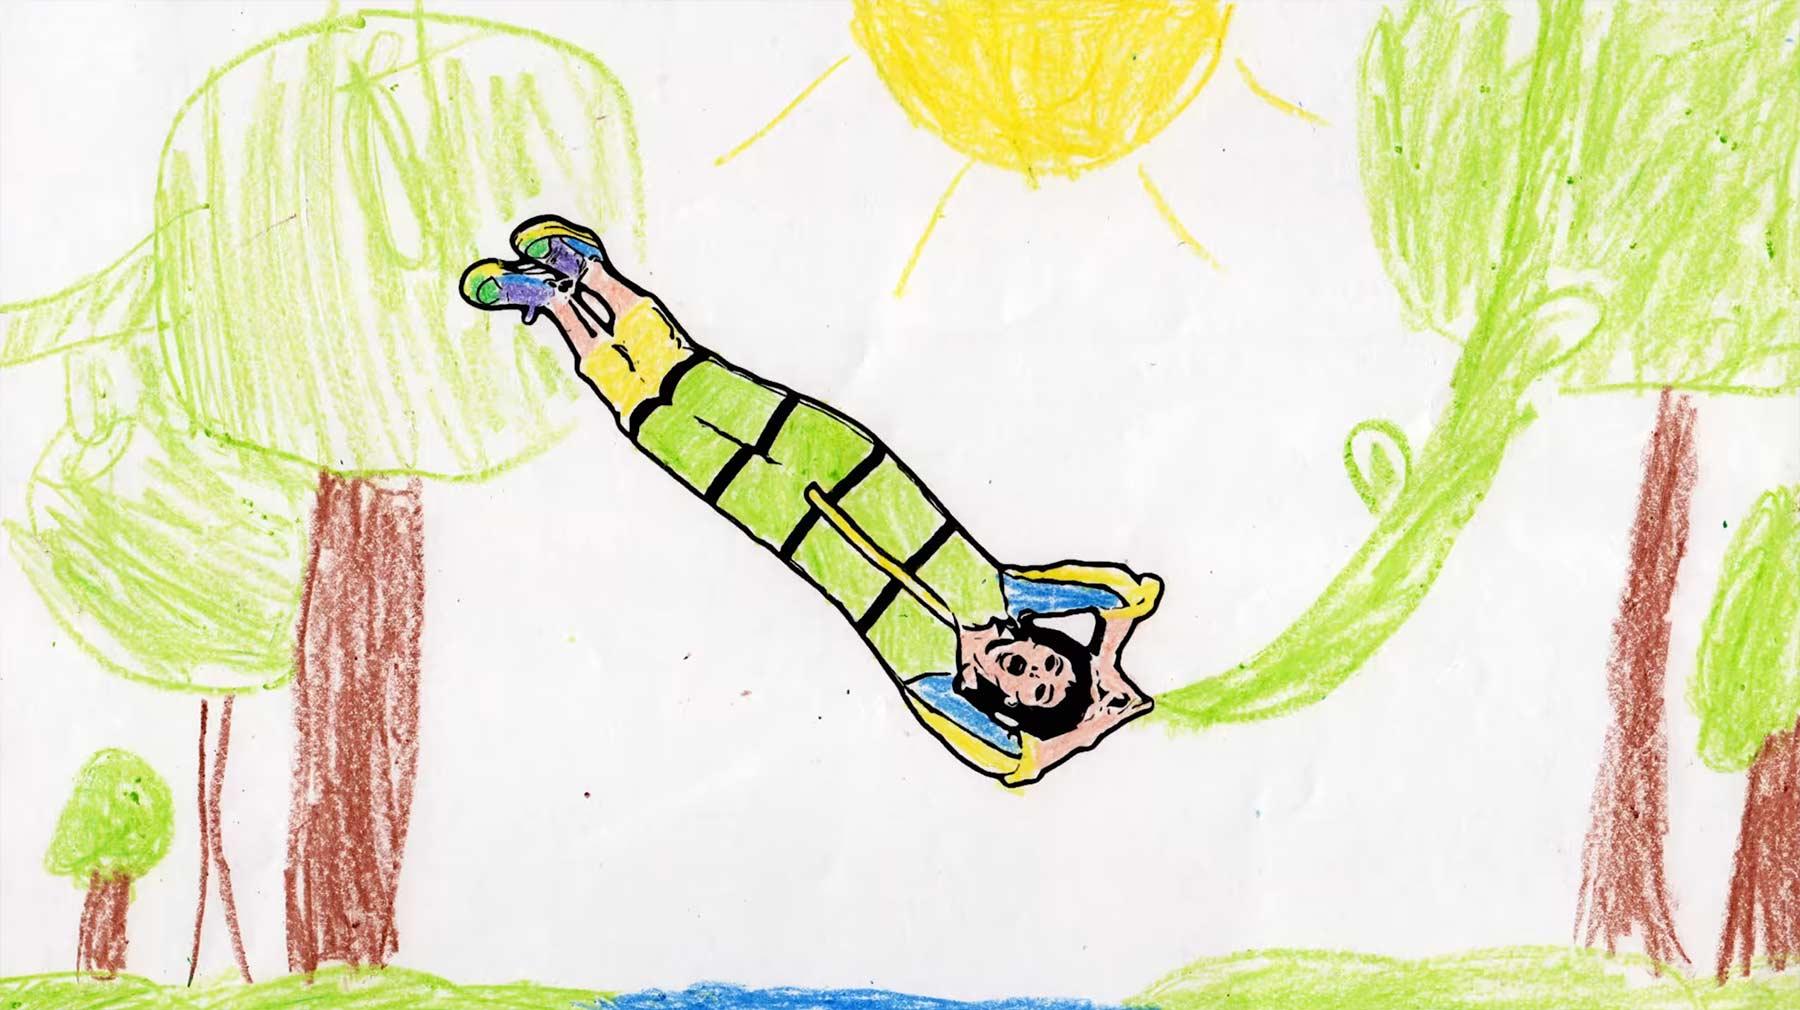 Musikvideo aus 2.130 von Kindern ausgemalten Bildern meg-myers-running-up-that-hill-musikvideo